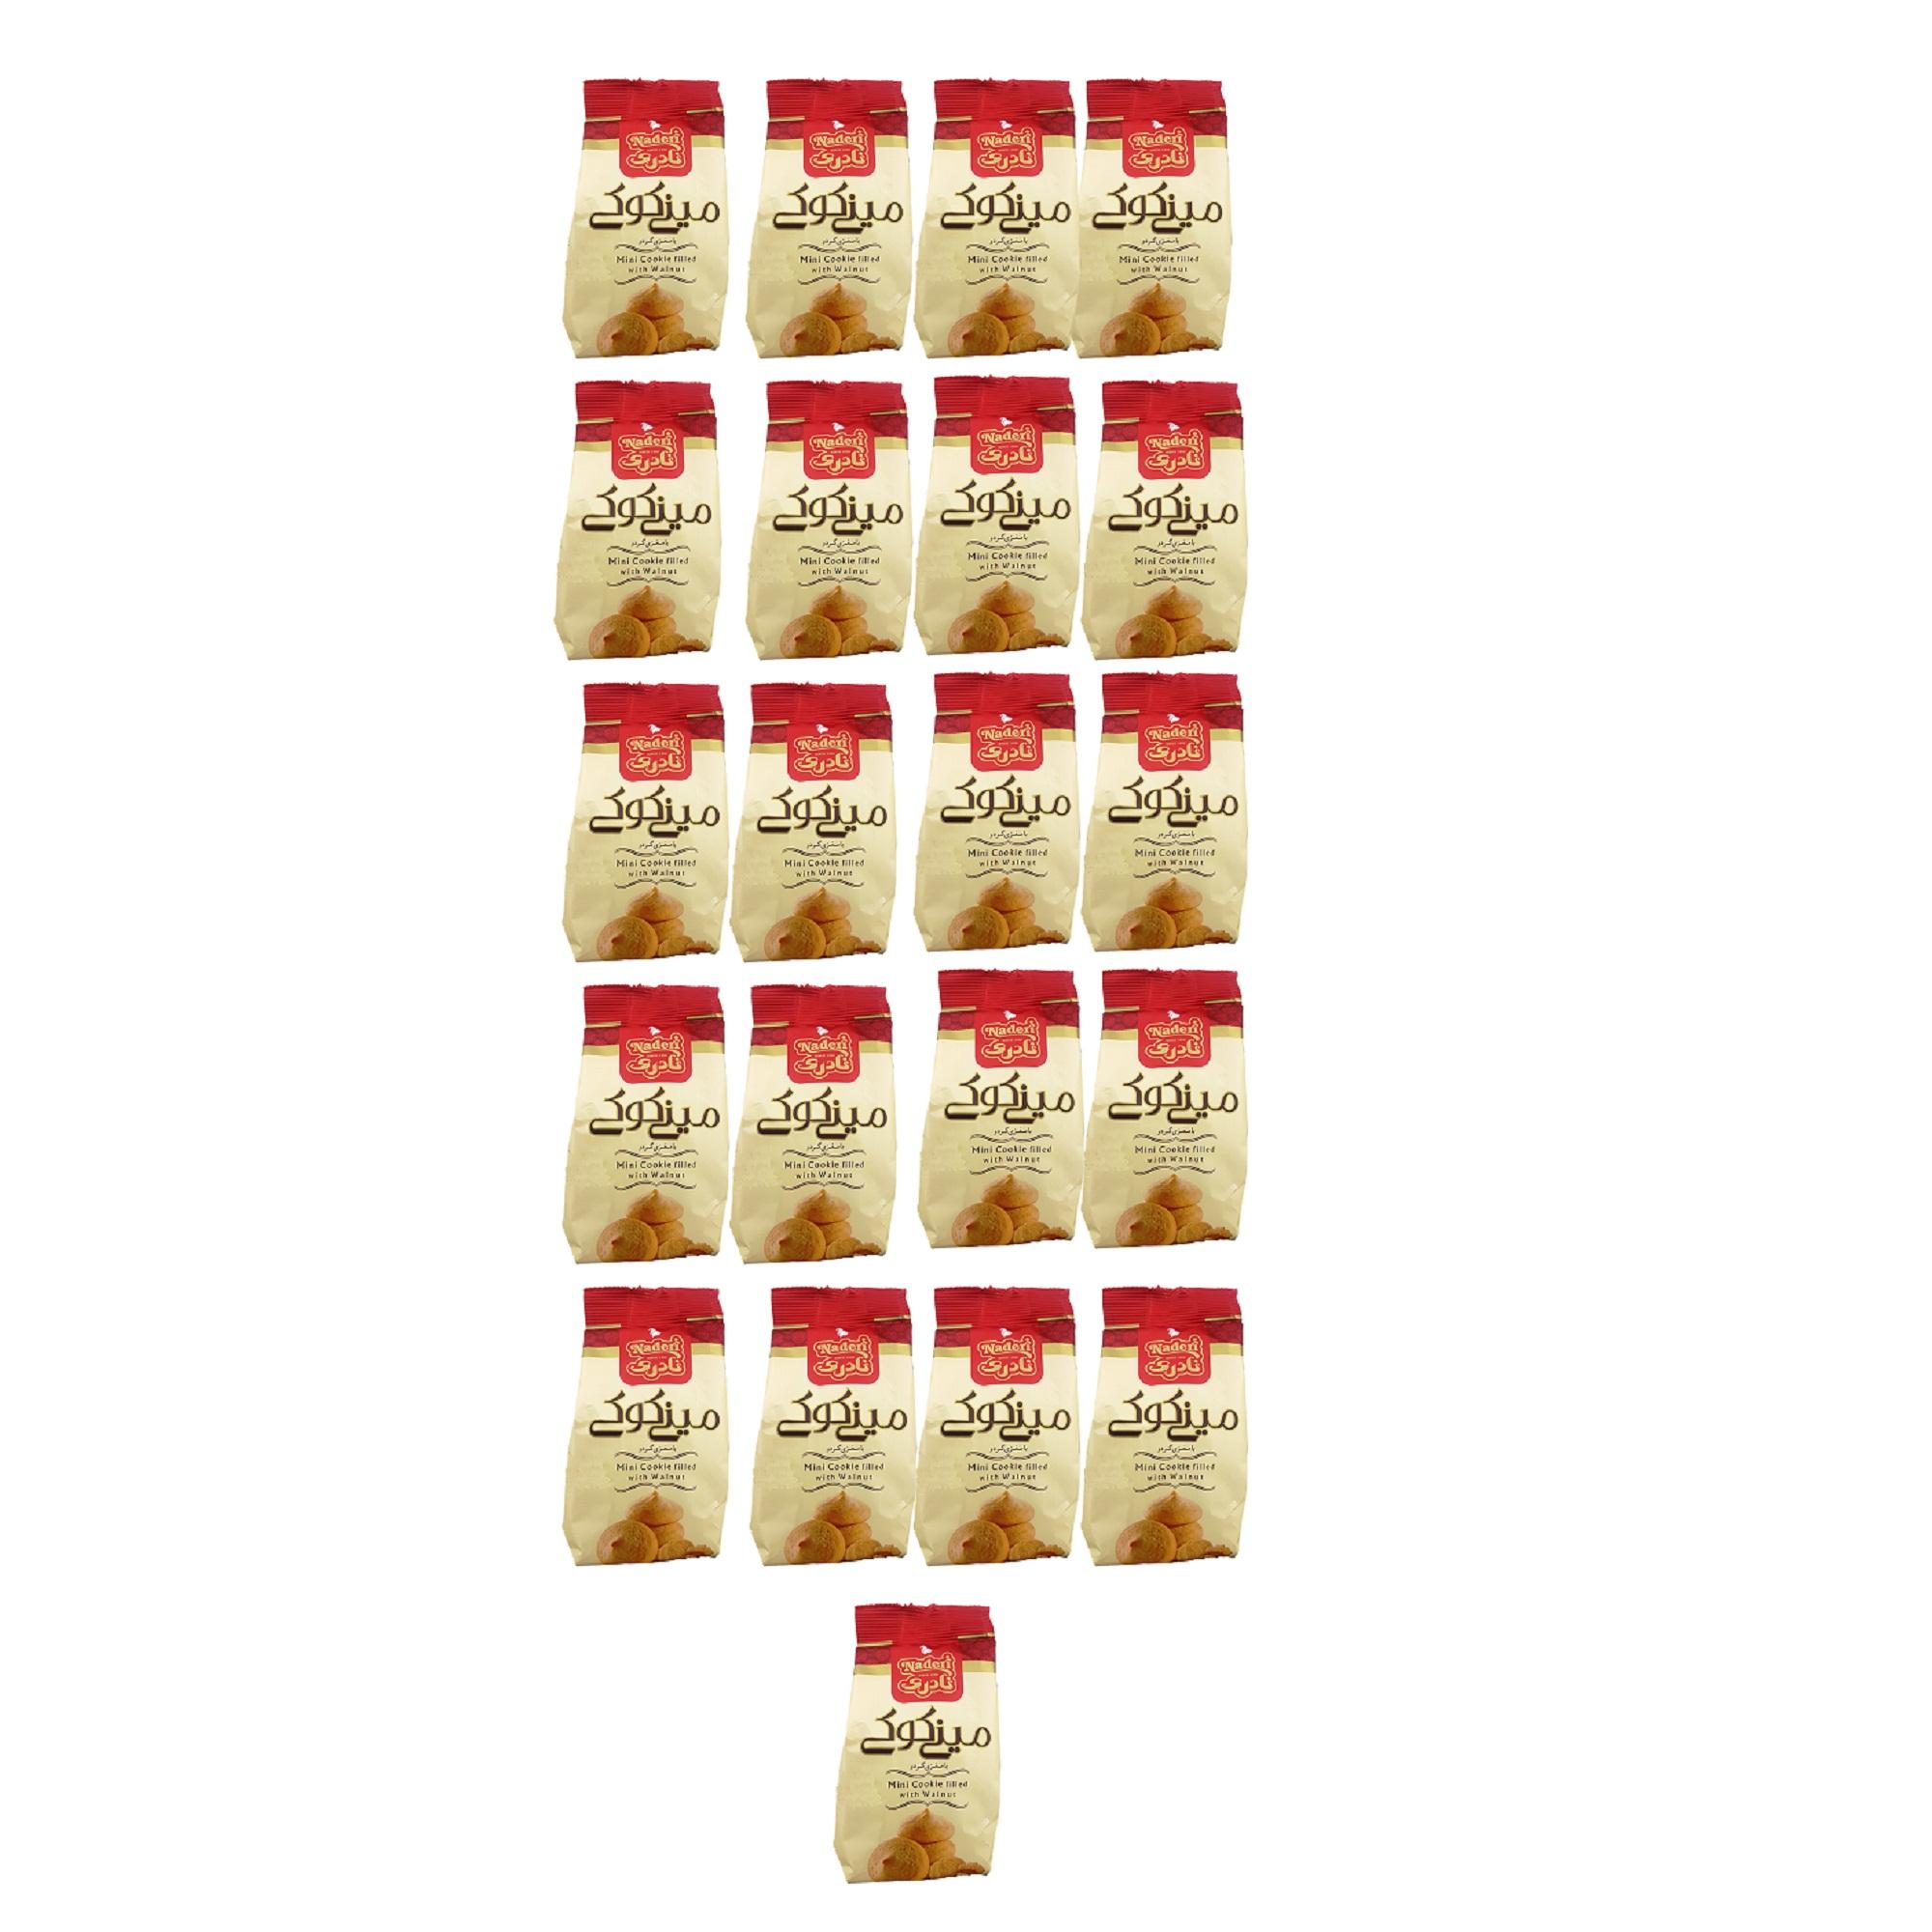 مینی کوکی با مغزی گردو نادری مقدار 105 گرم بسته 21 عددی